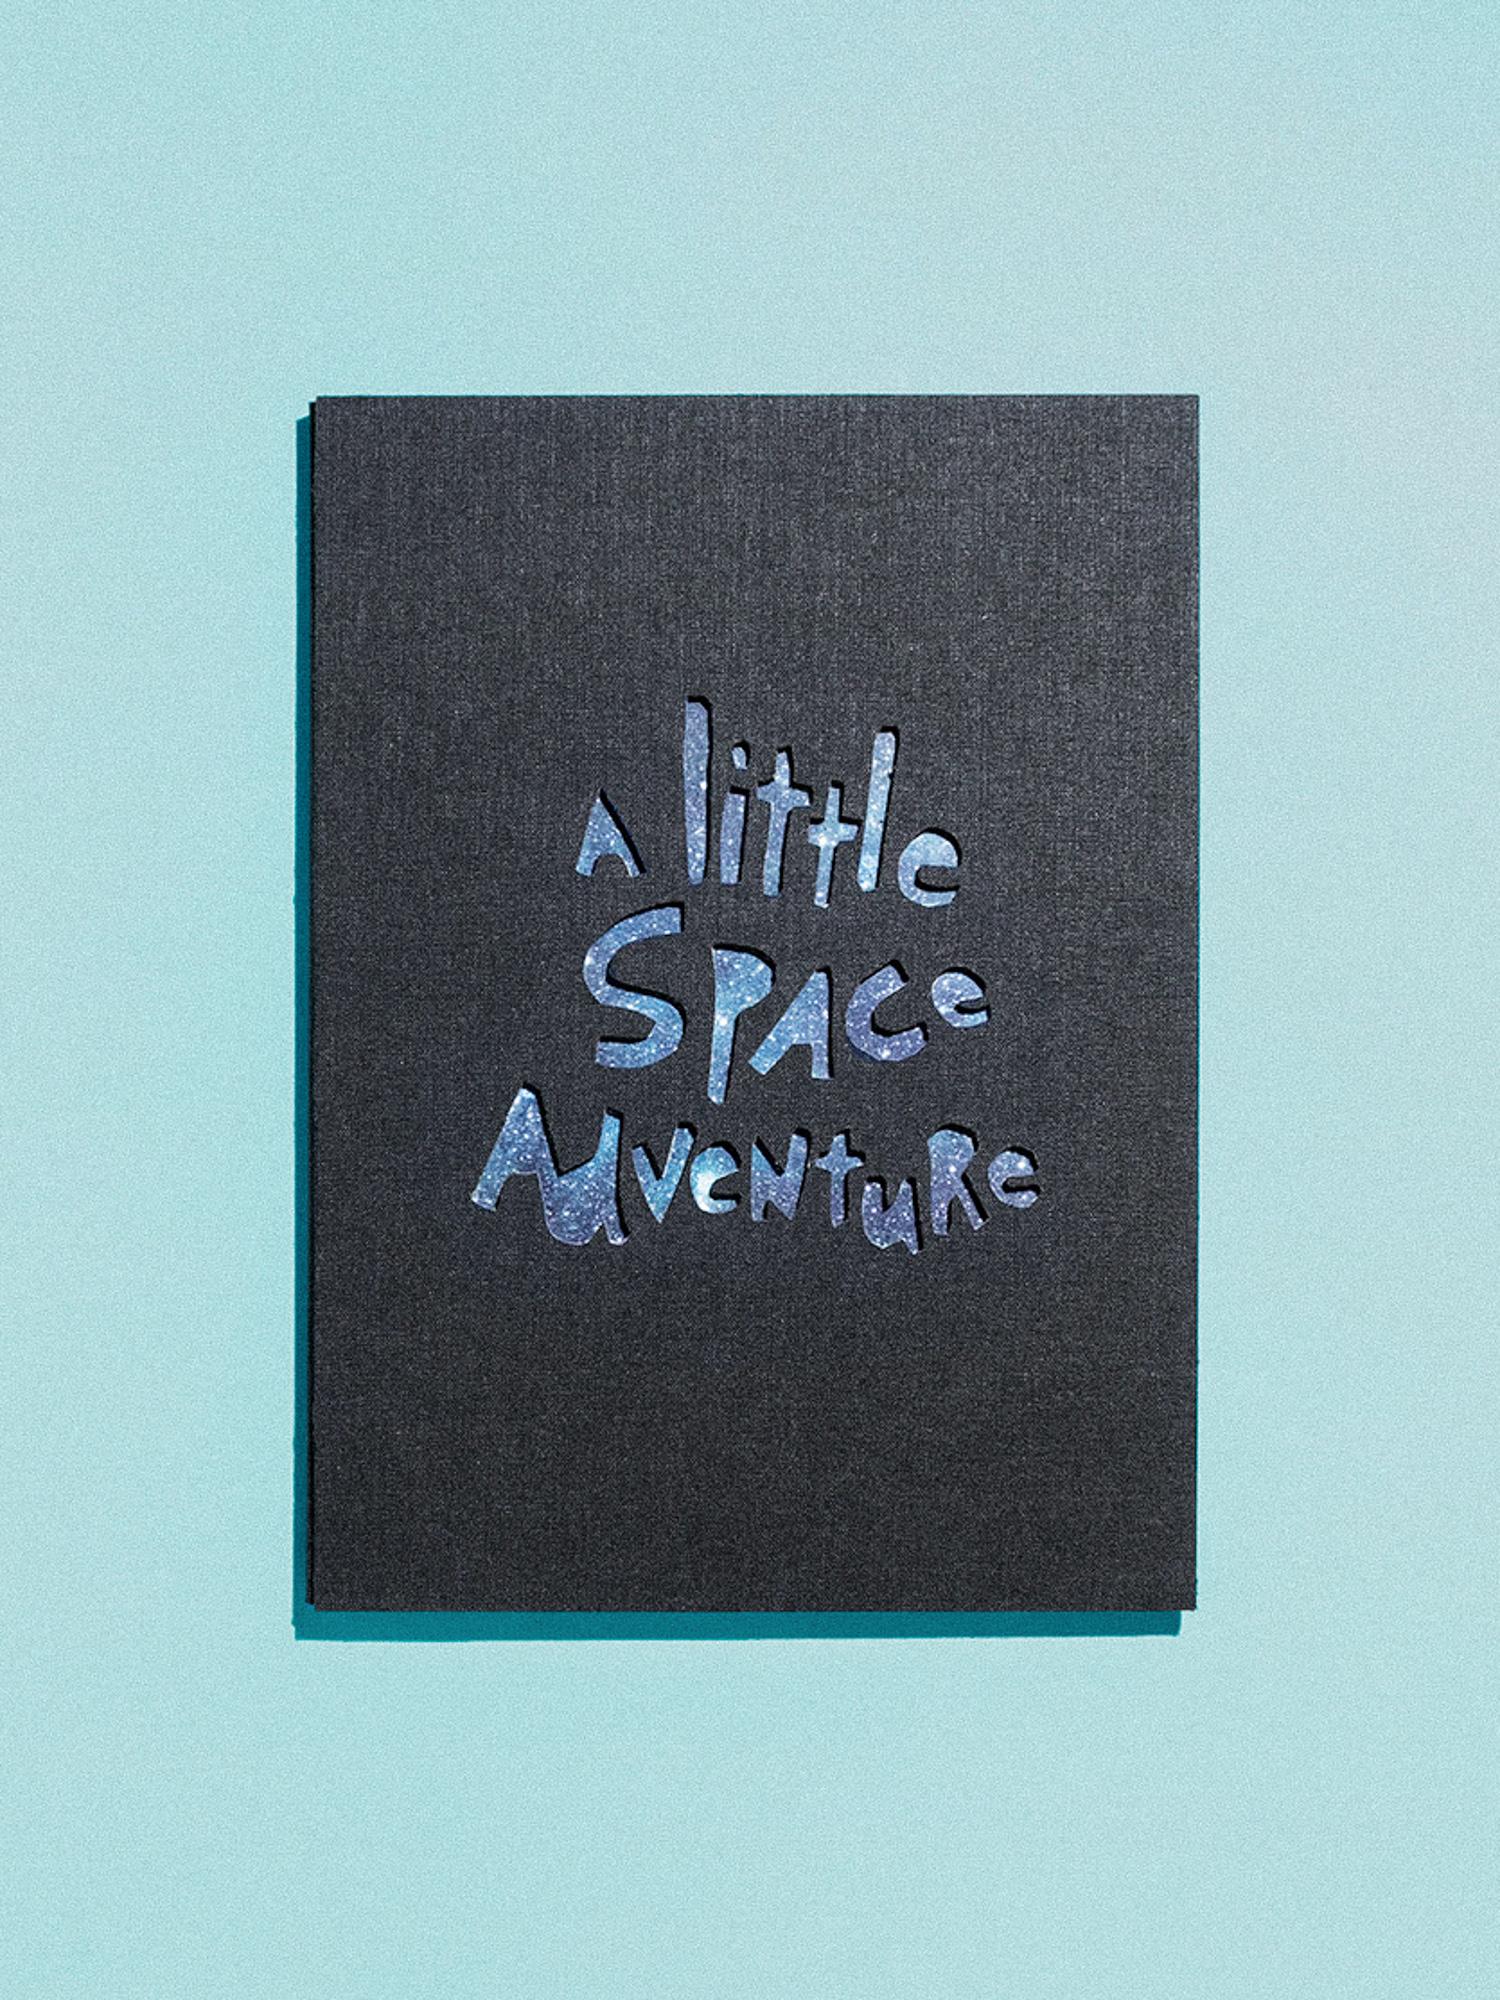 johannes-kaarakainen_a-little-space-adventure